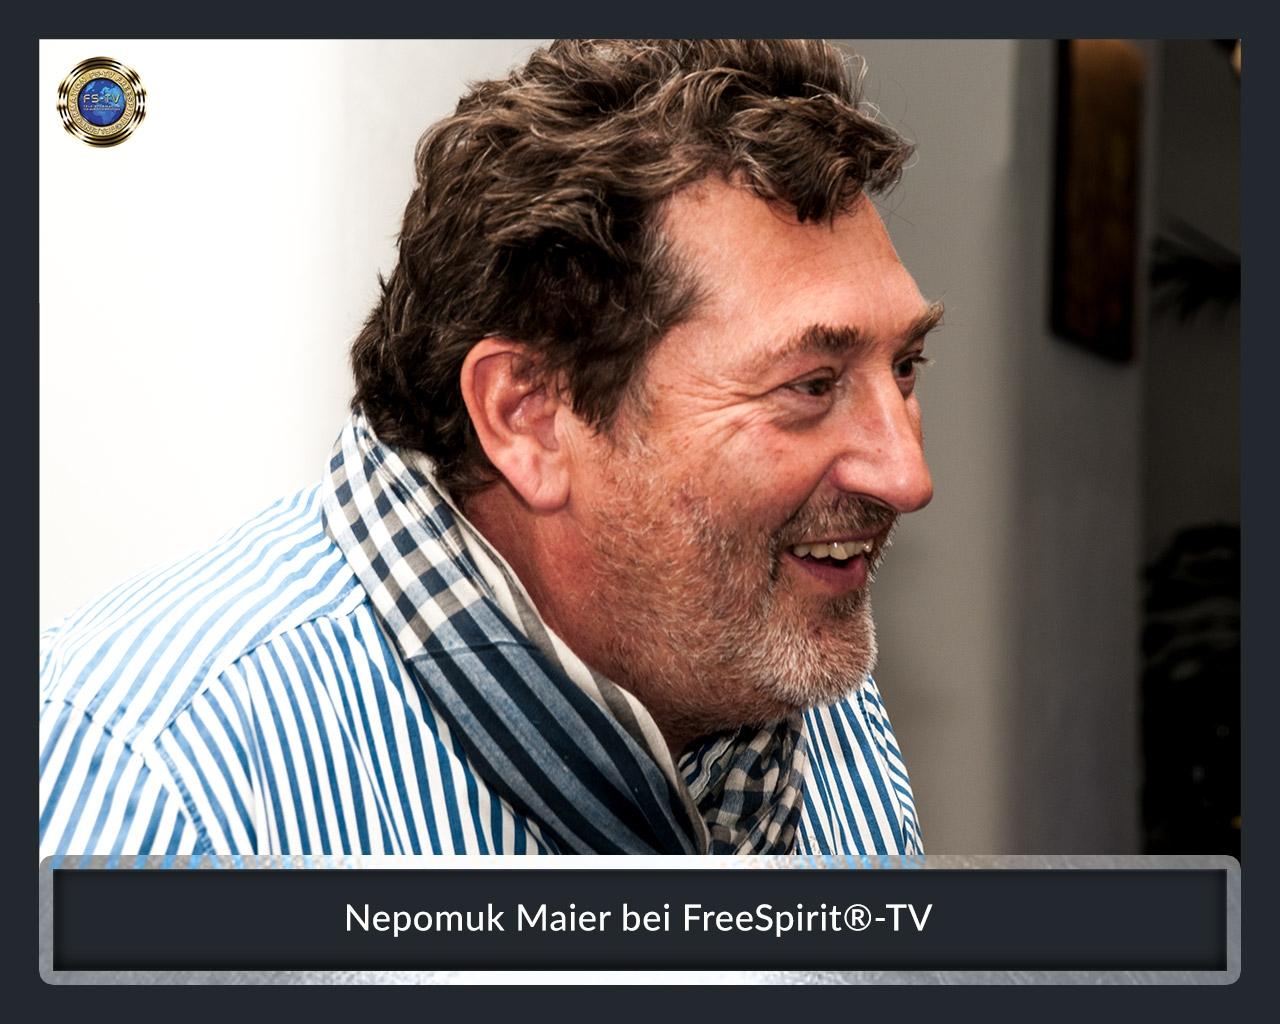 FS-TV-Bildergallerie-Nepomuk-Maier-3